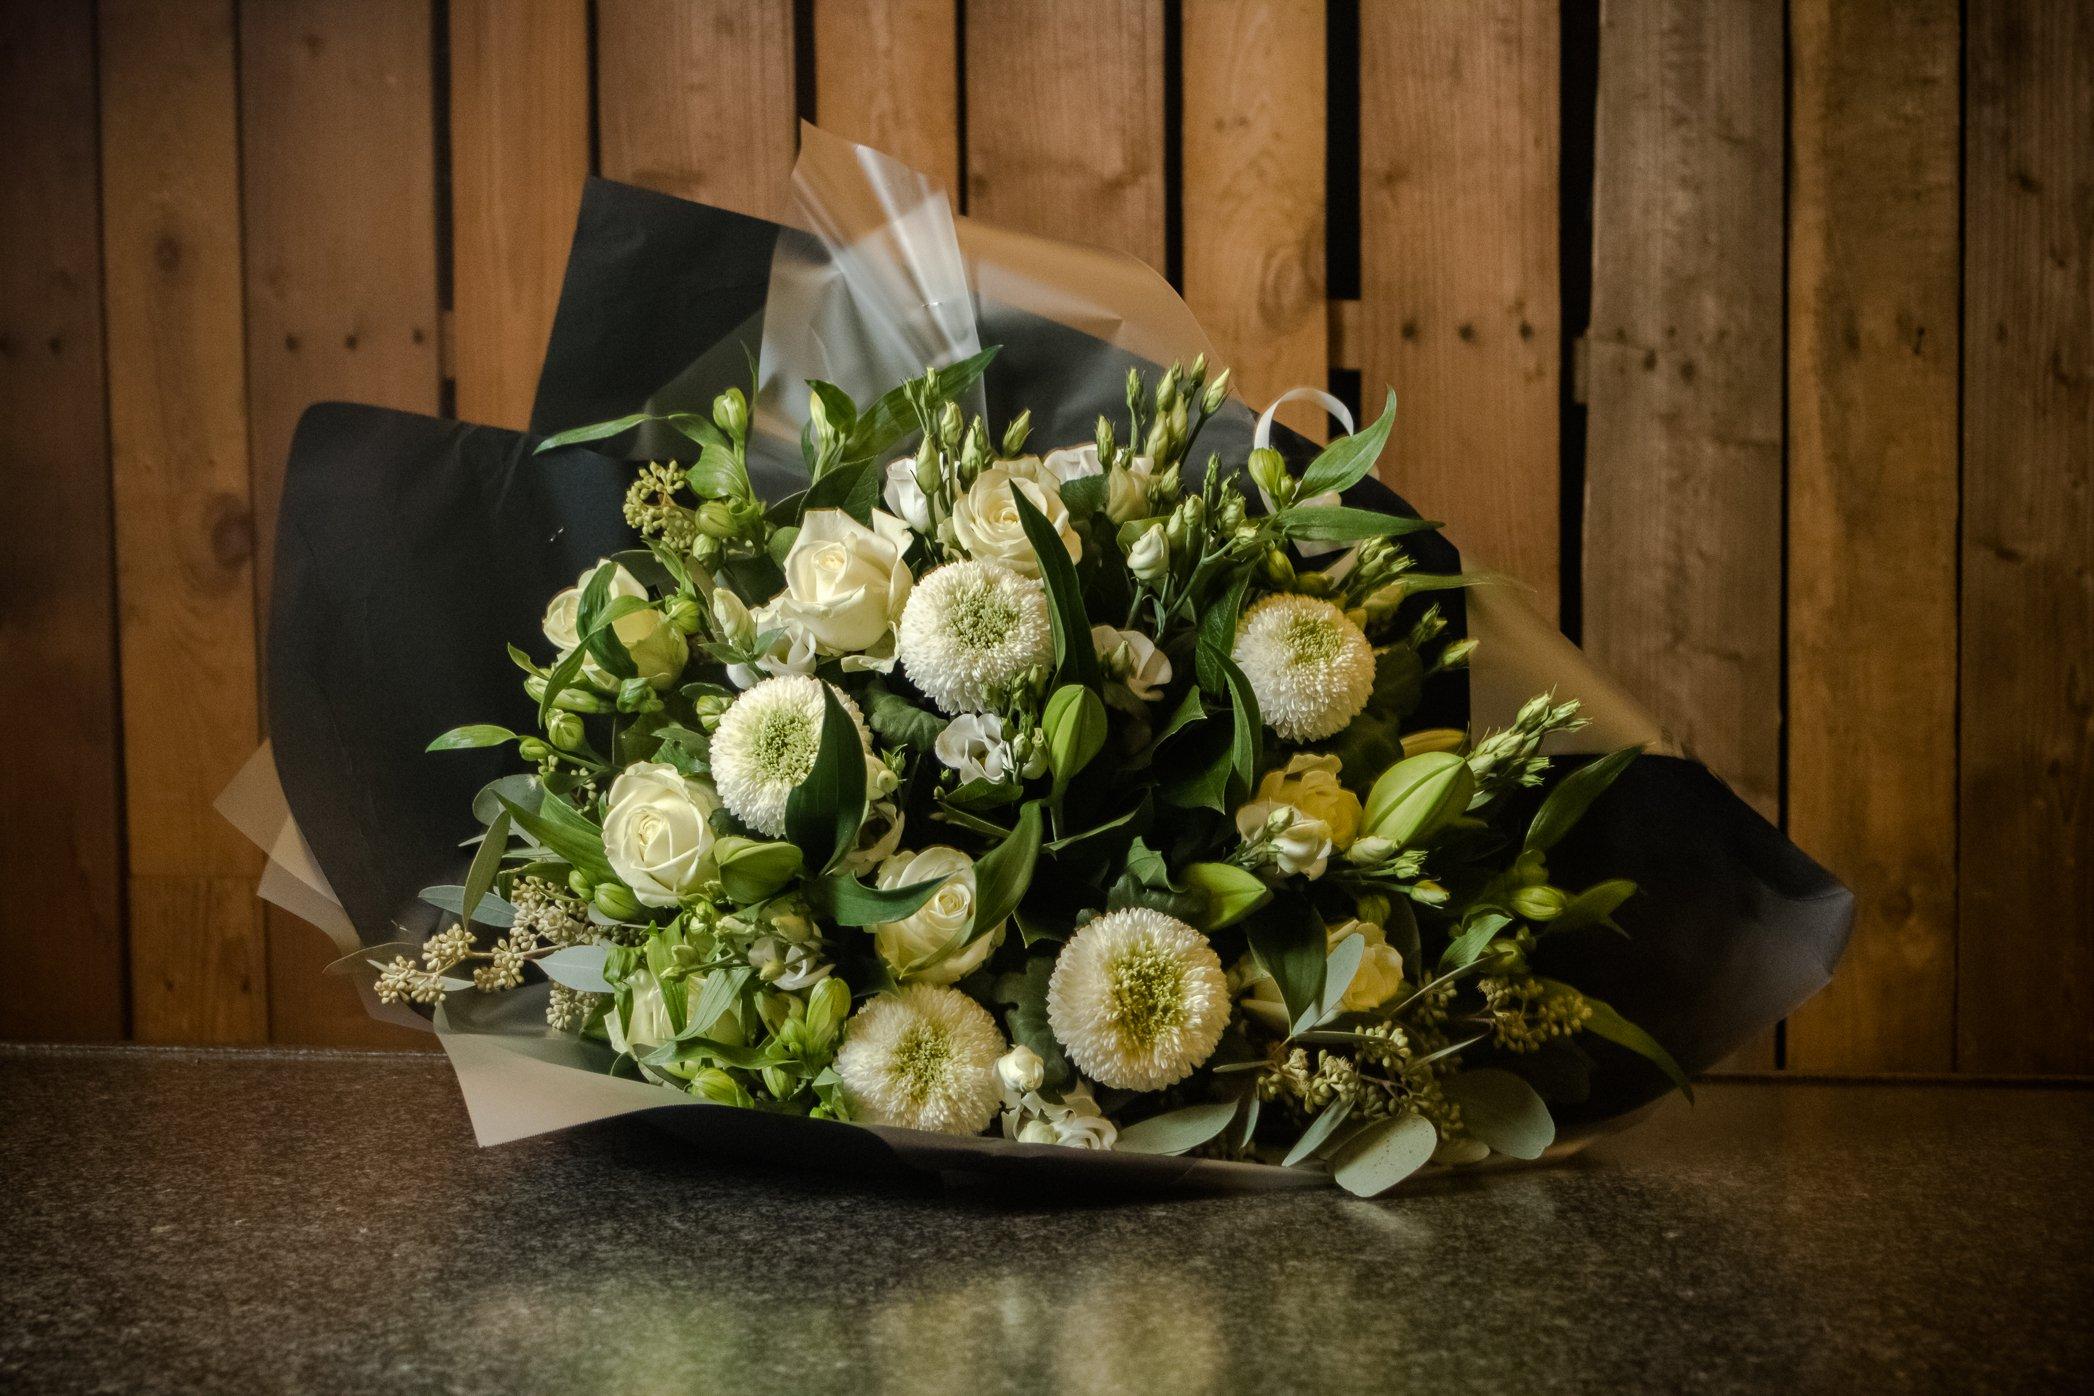 webfotografie_-_bloemen_henrioulle_-_www.bloemenhenrioulle.be_-_c2013_stephane_kalmes_webdesign_fotografie_71_van_118.jpg